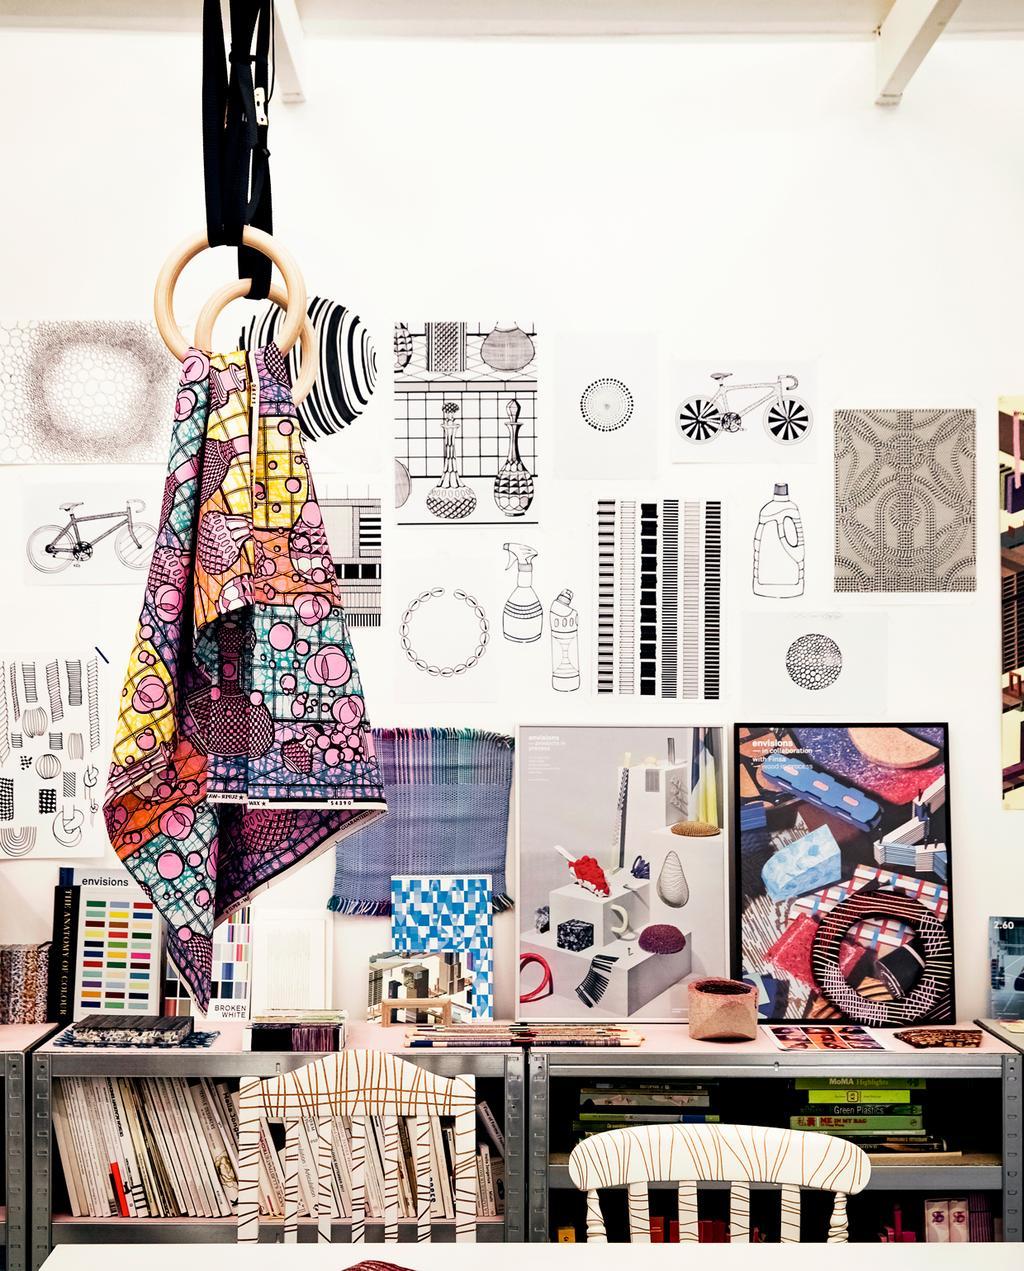 vtwonen 6-2019 | Ambacht Simone studie speelplek | Ontdek het ambacht: recycle textiel